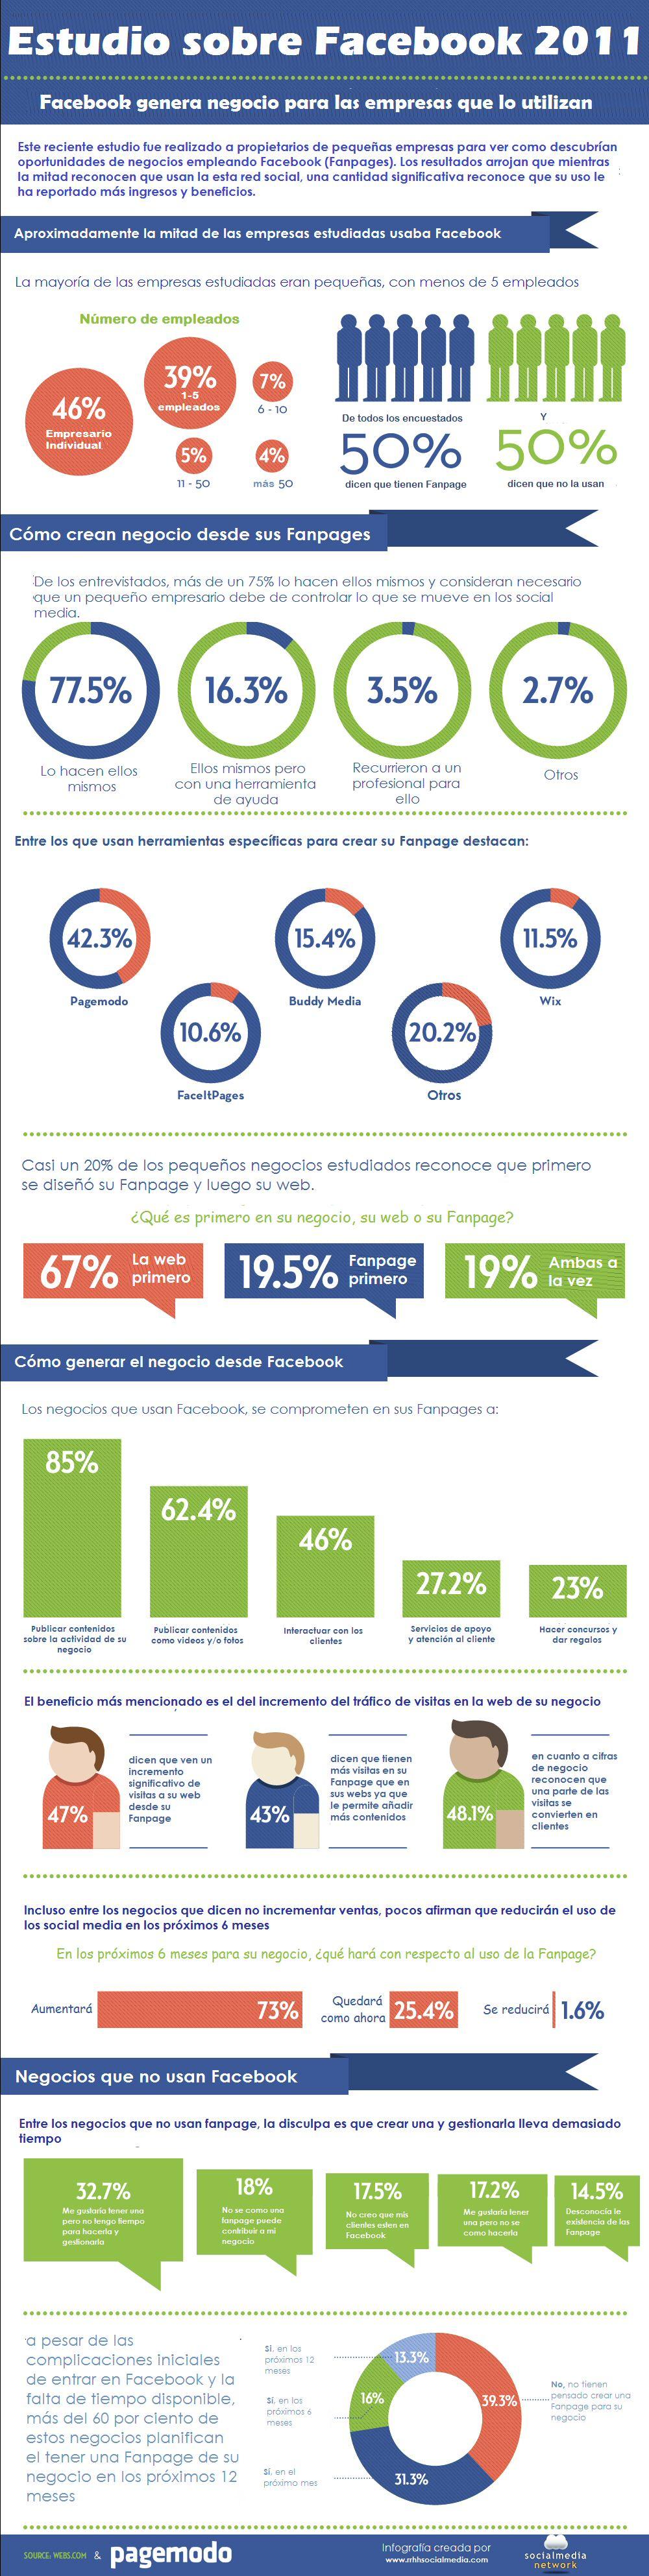 Estudio del uso de Facebook en PYMES